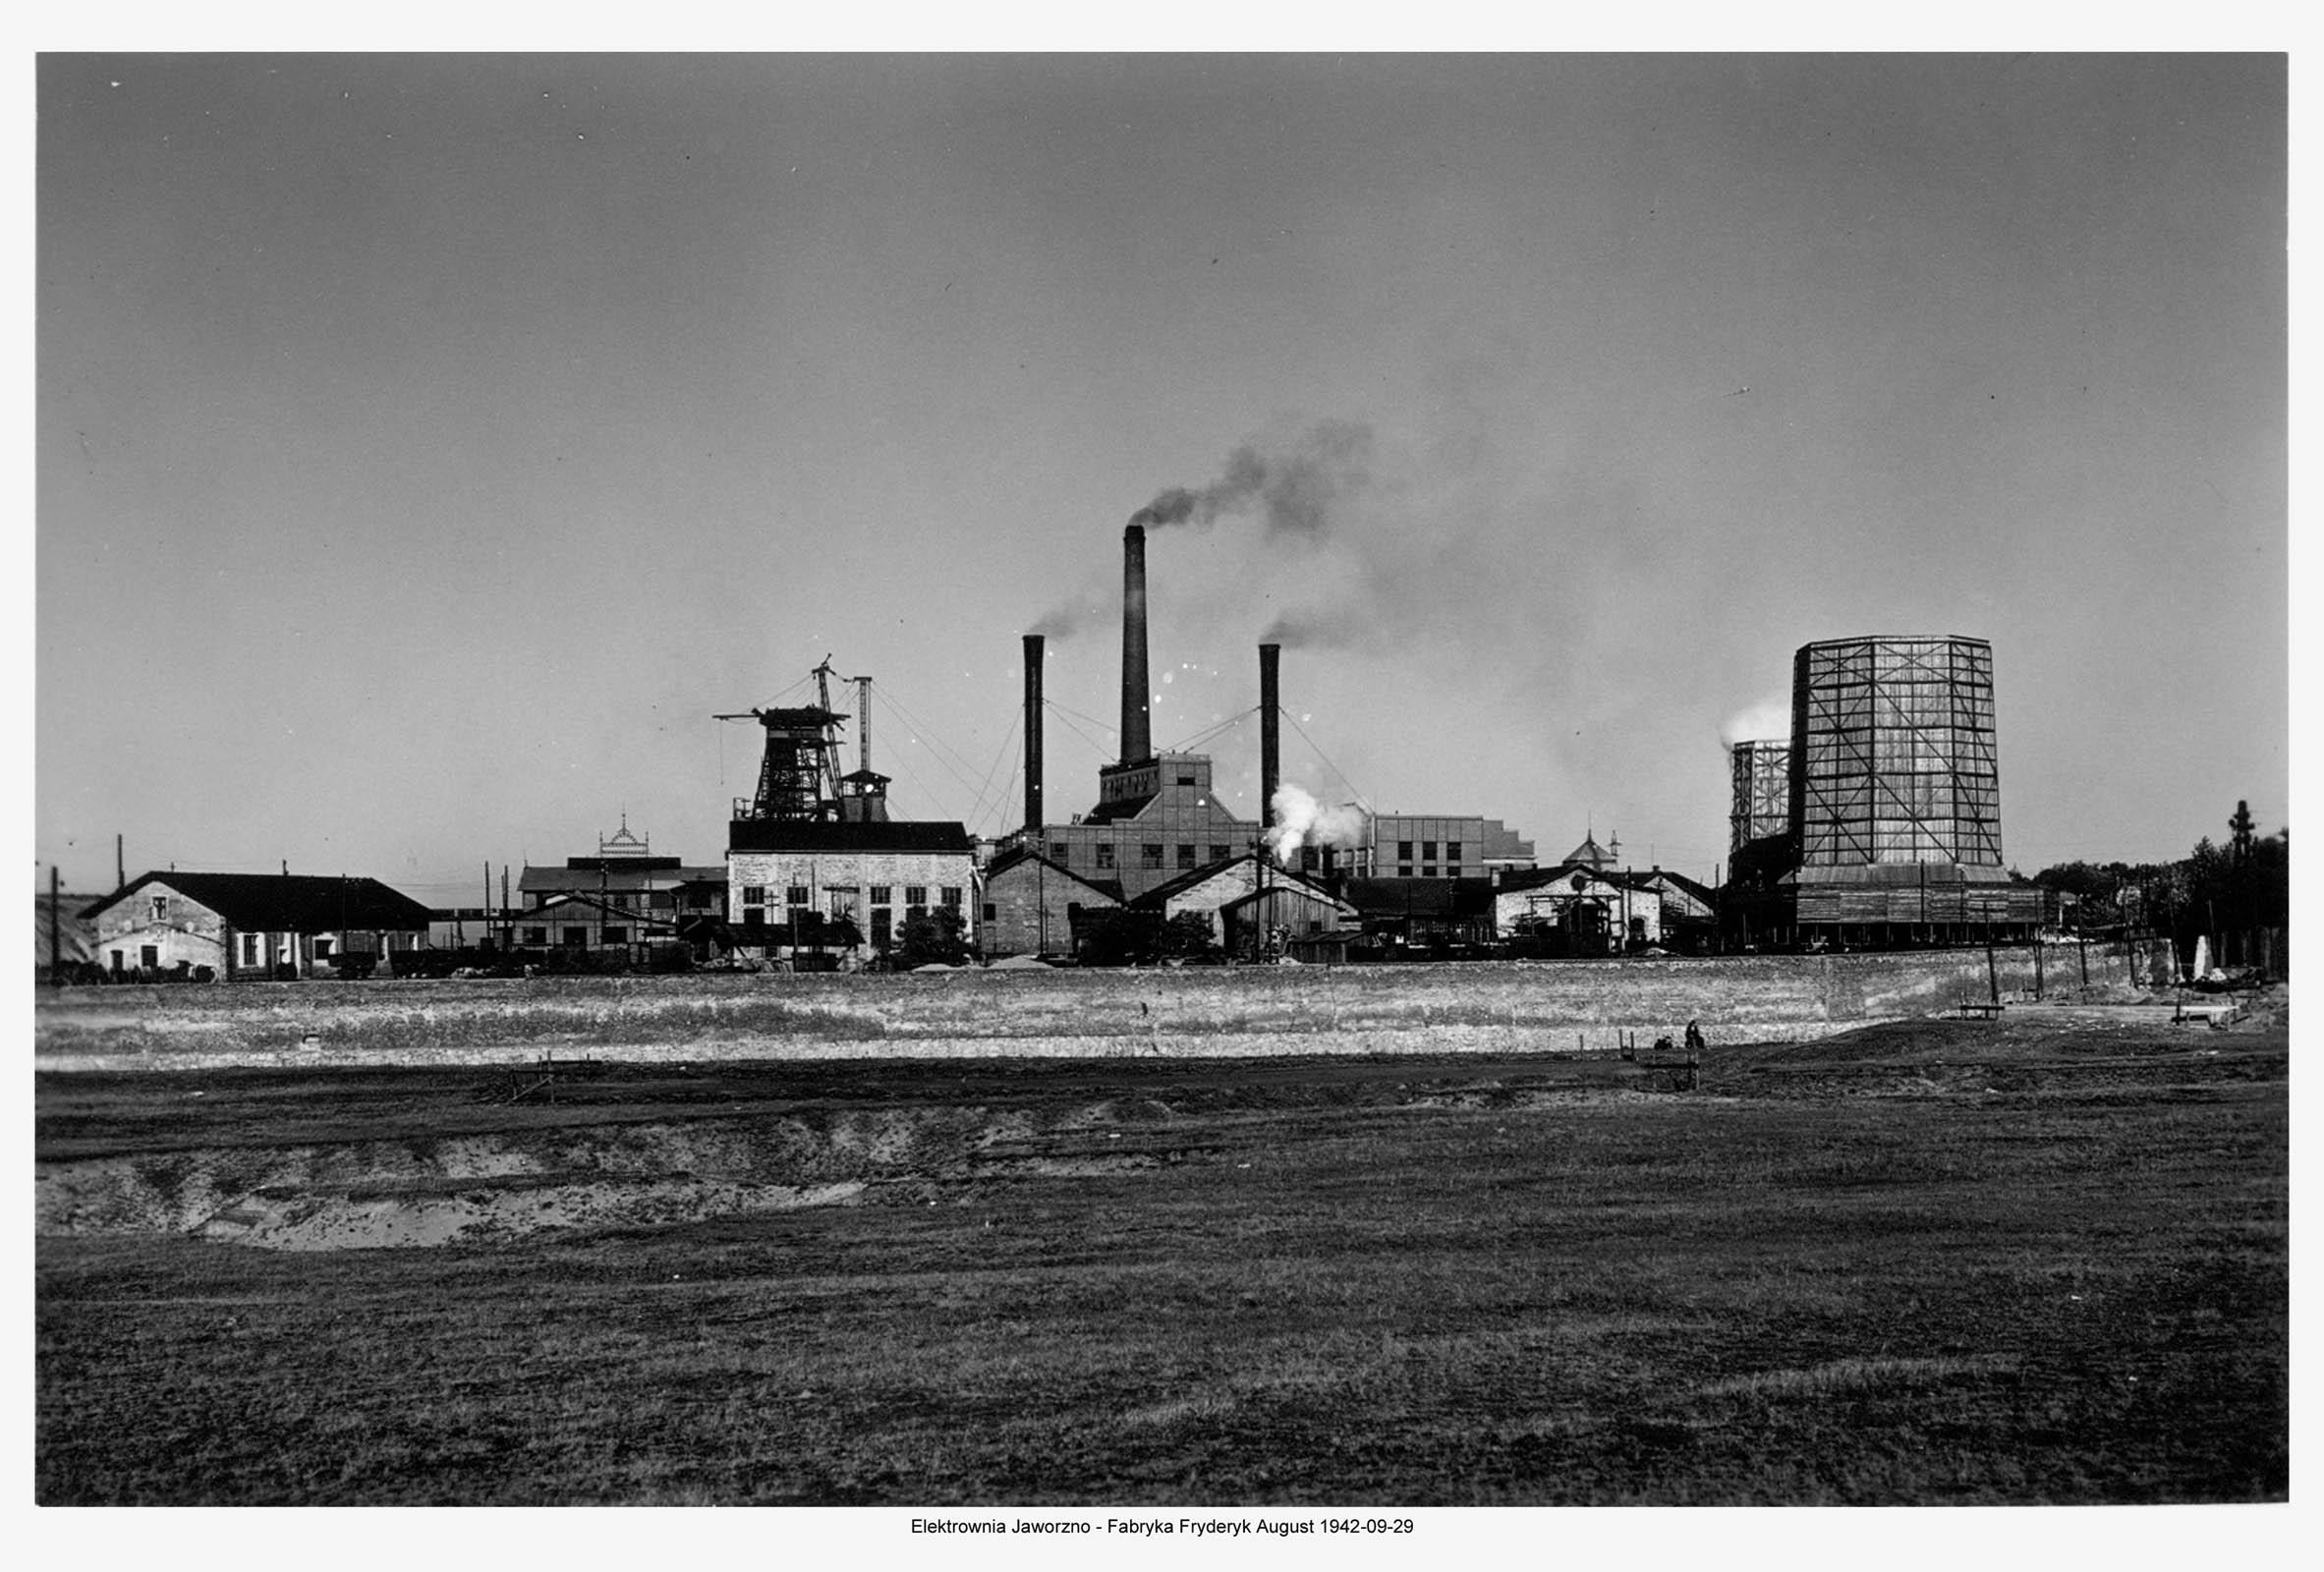 Kraftwerk Friedrich-August and mine. 1942. Muzeum w Jaworznie